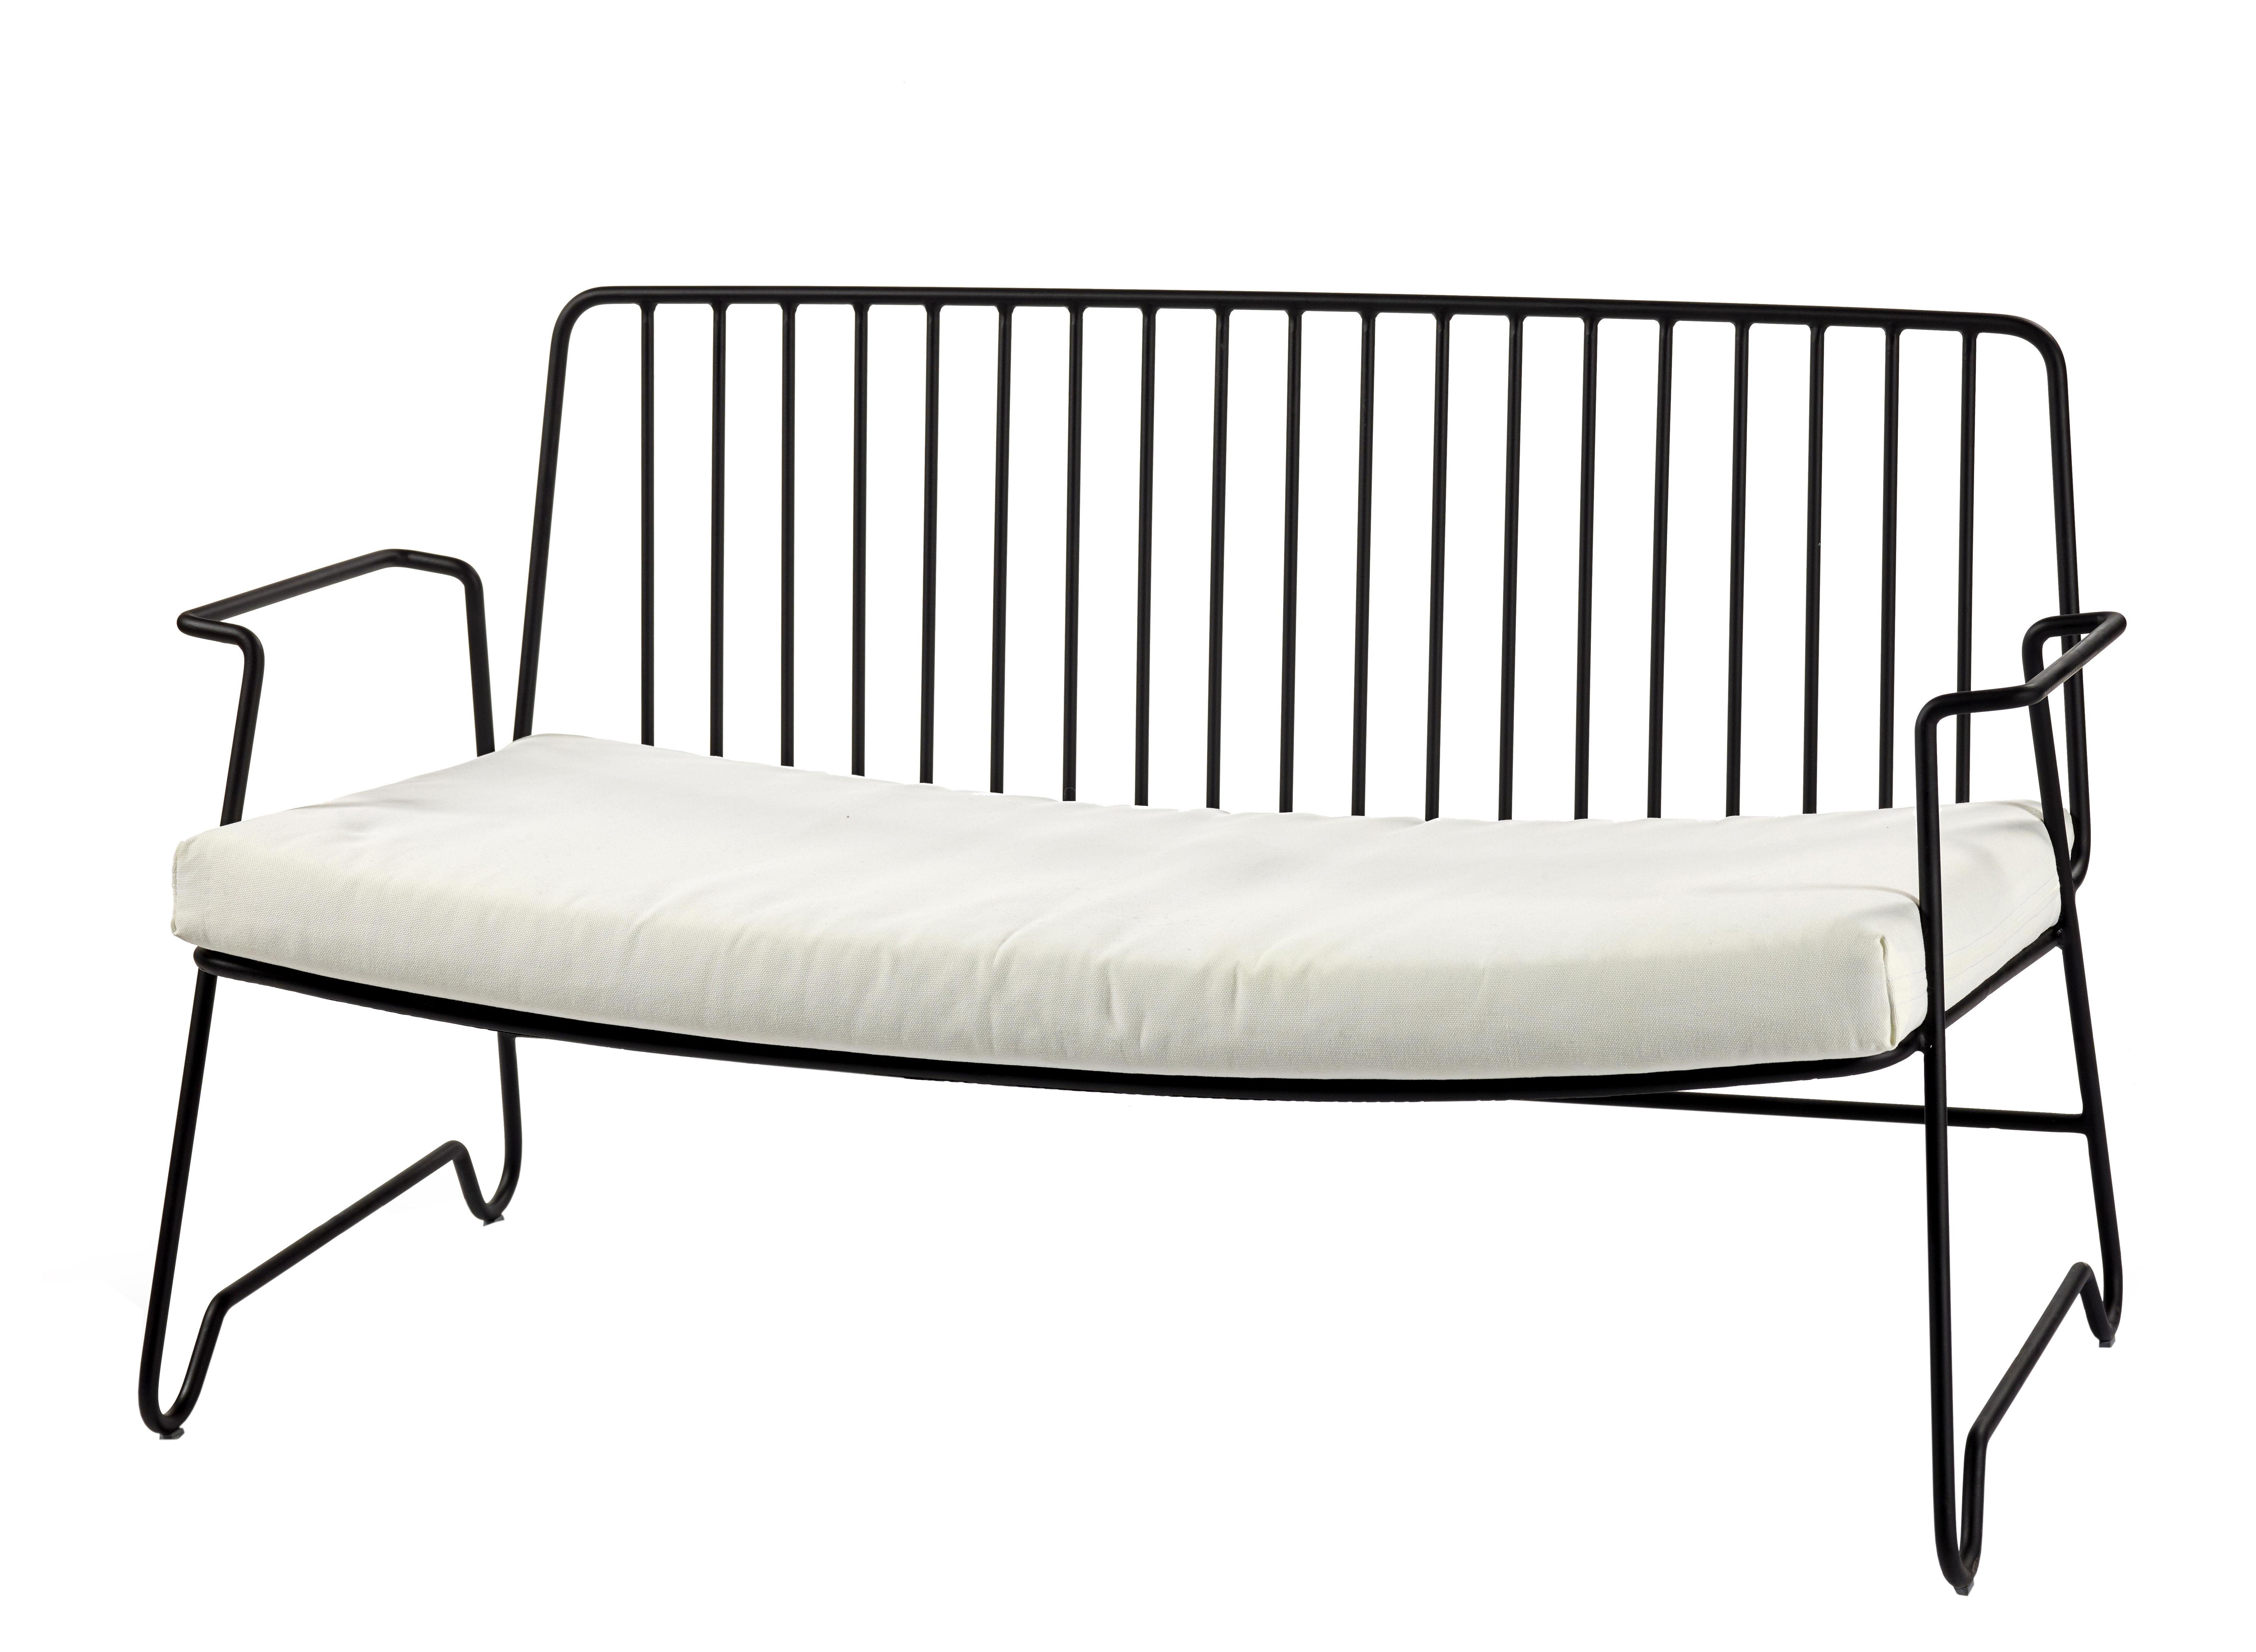 Arredamento - Divani moderni - Divano destro Fish & Fish - / L 131 cm - Con cuscino di seduta di Serax - Nero - Alluminio laccato